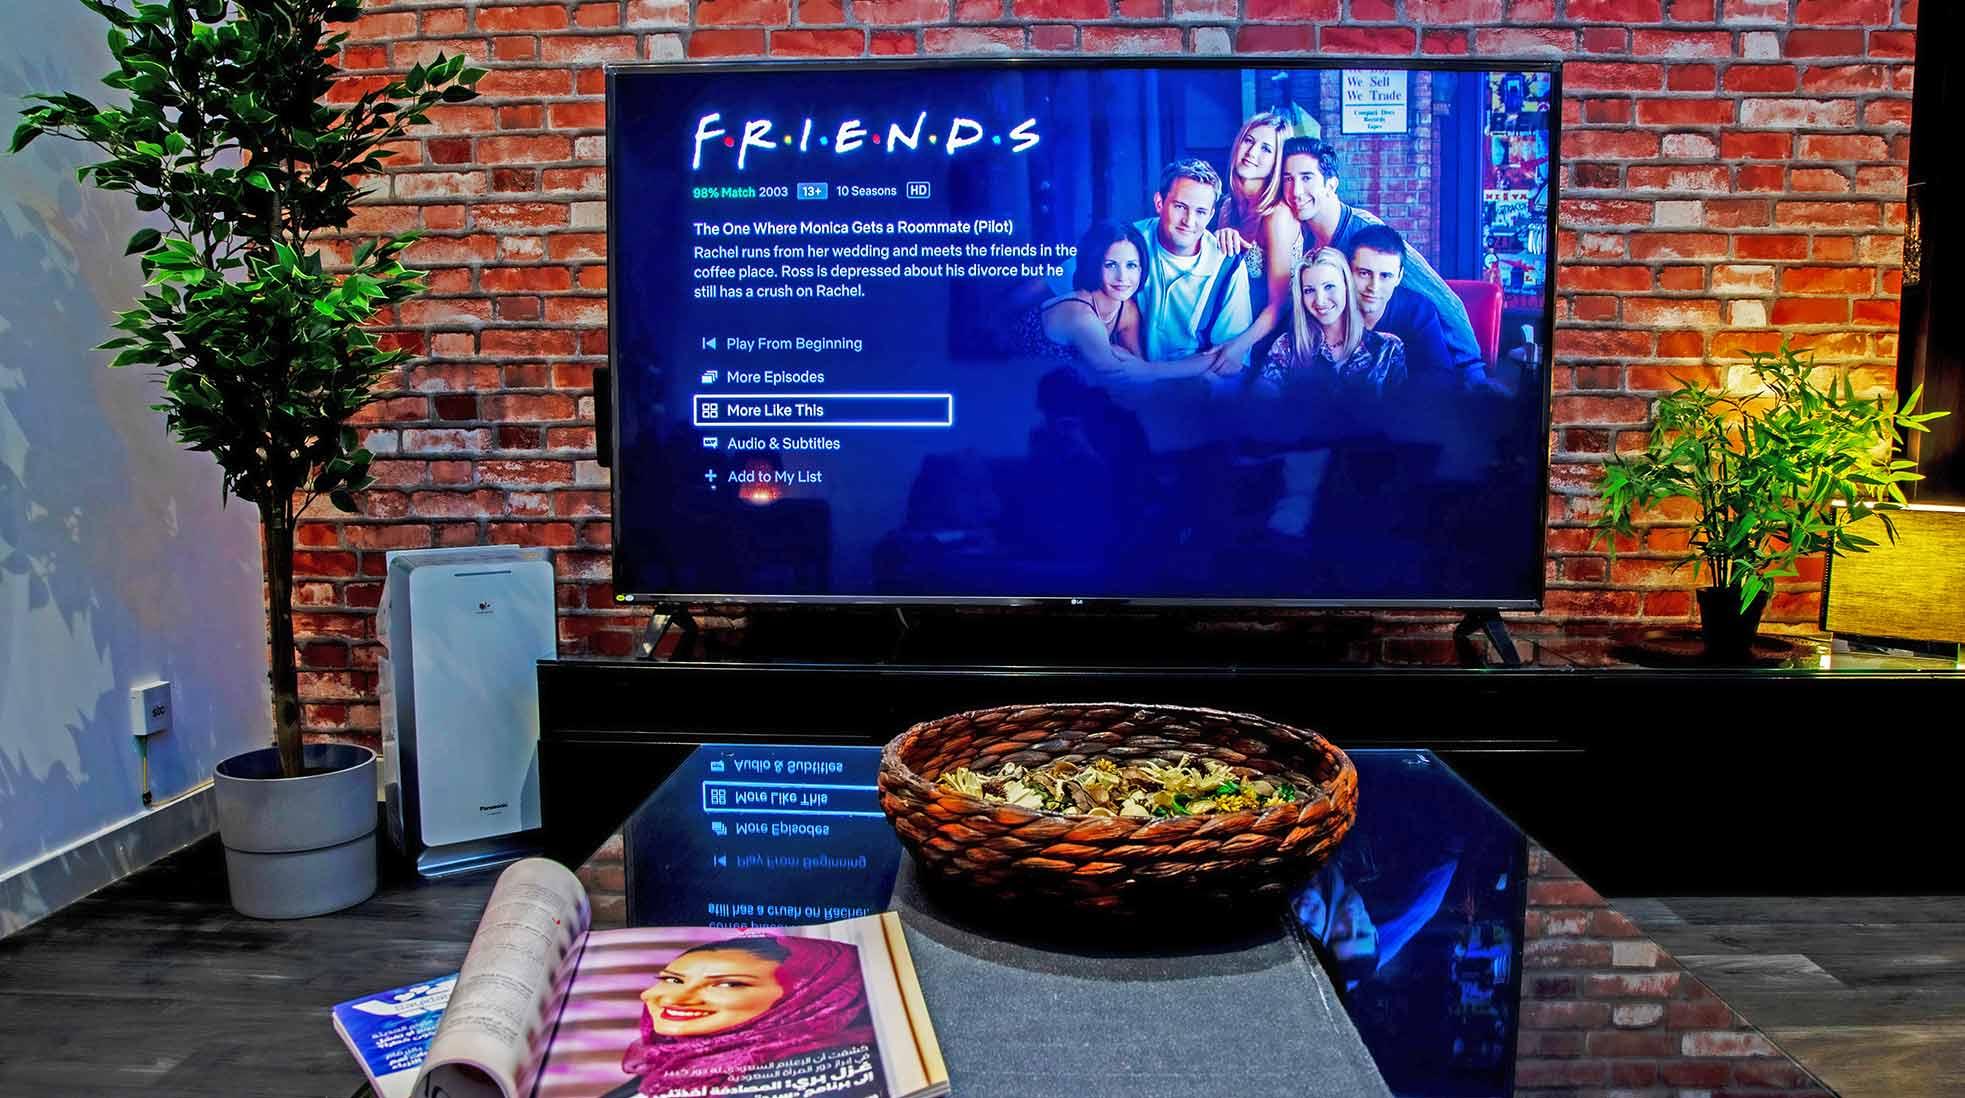 En TV i ett vardagsrum med Vänner på Netflix